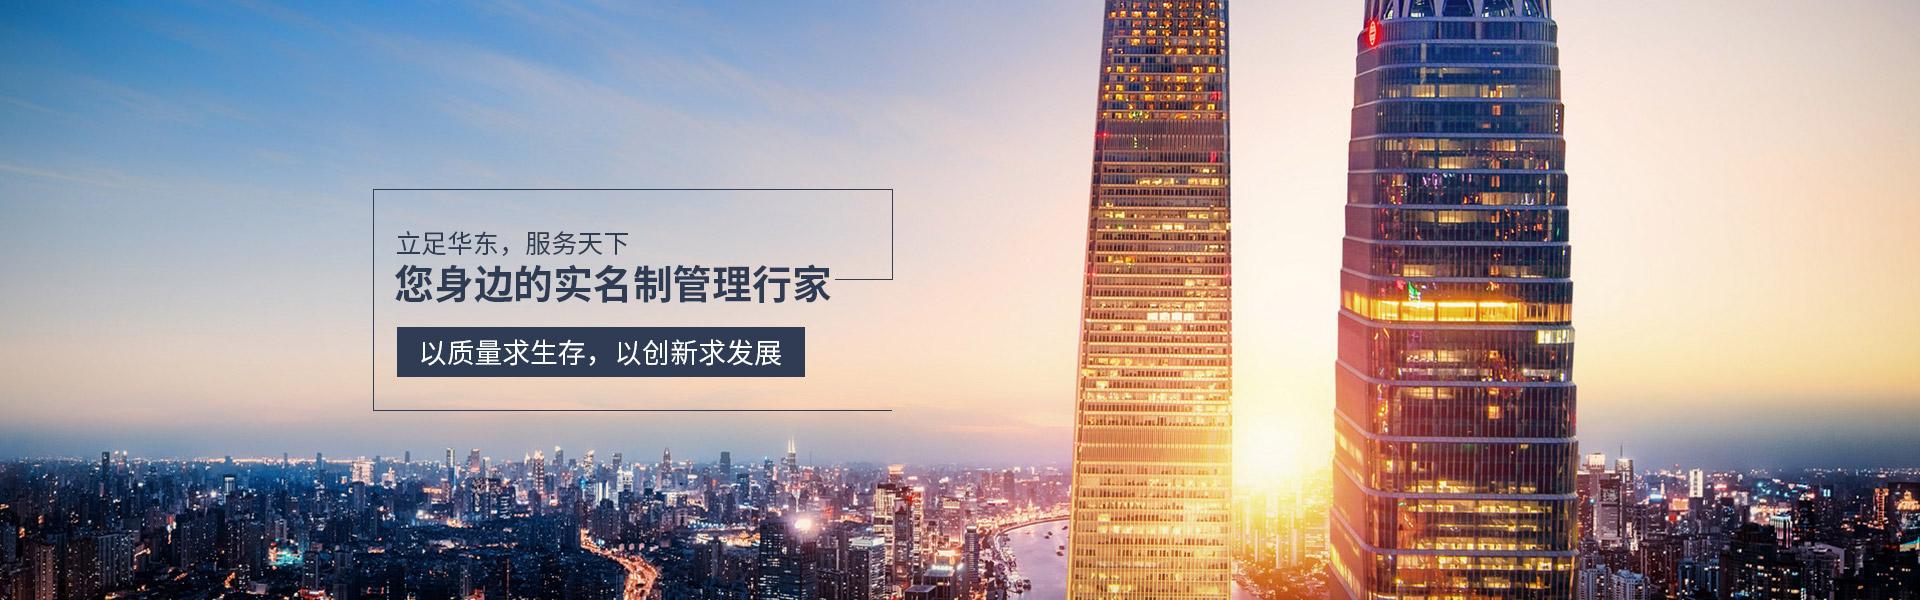 上海孚聪信息科技有限公司